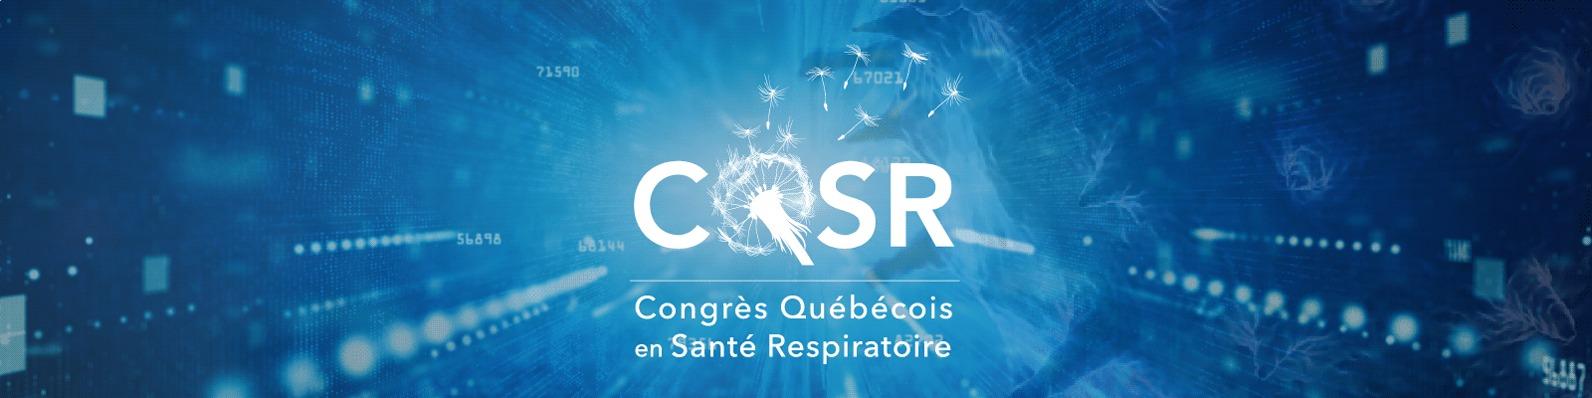 CQSR VIRTUEL 2020